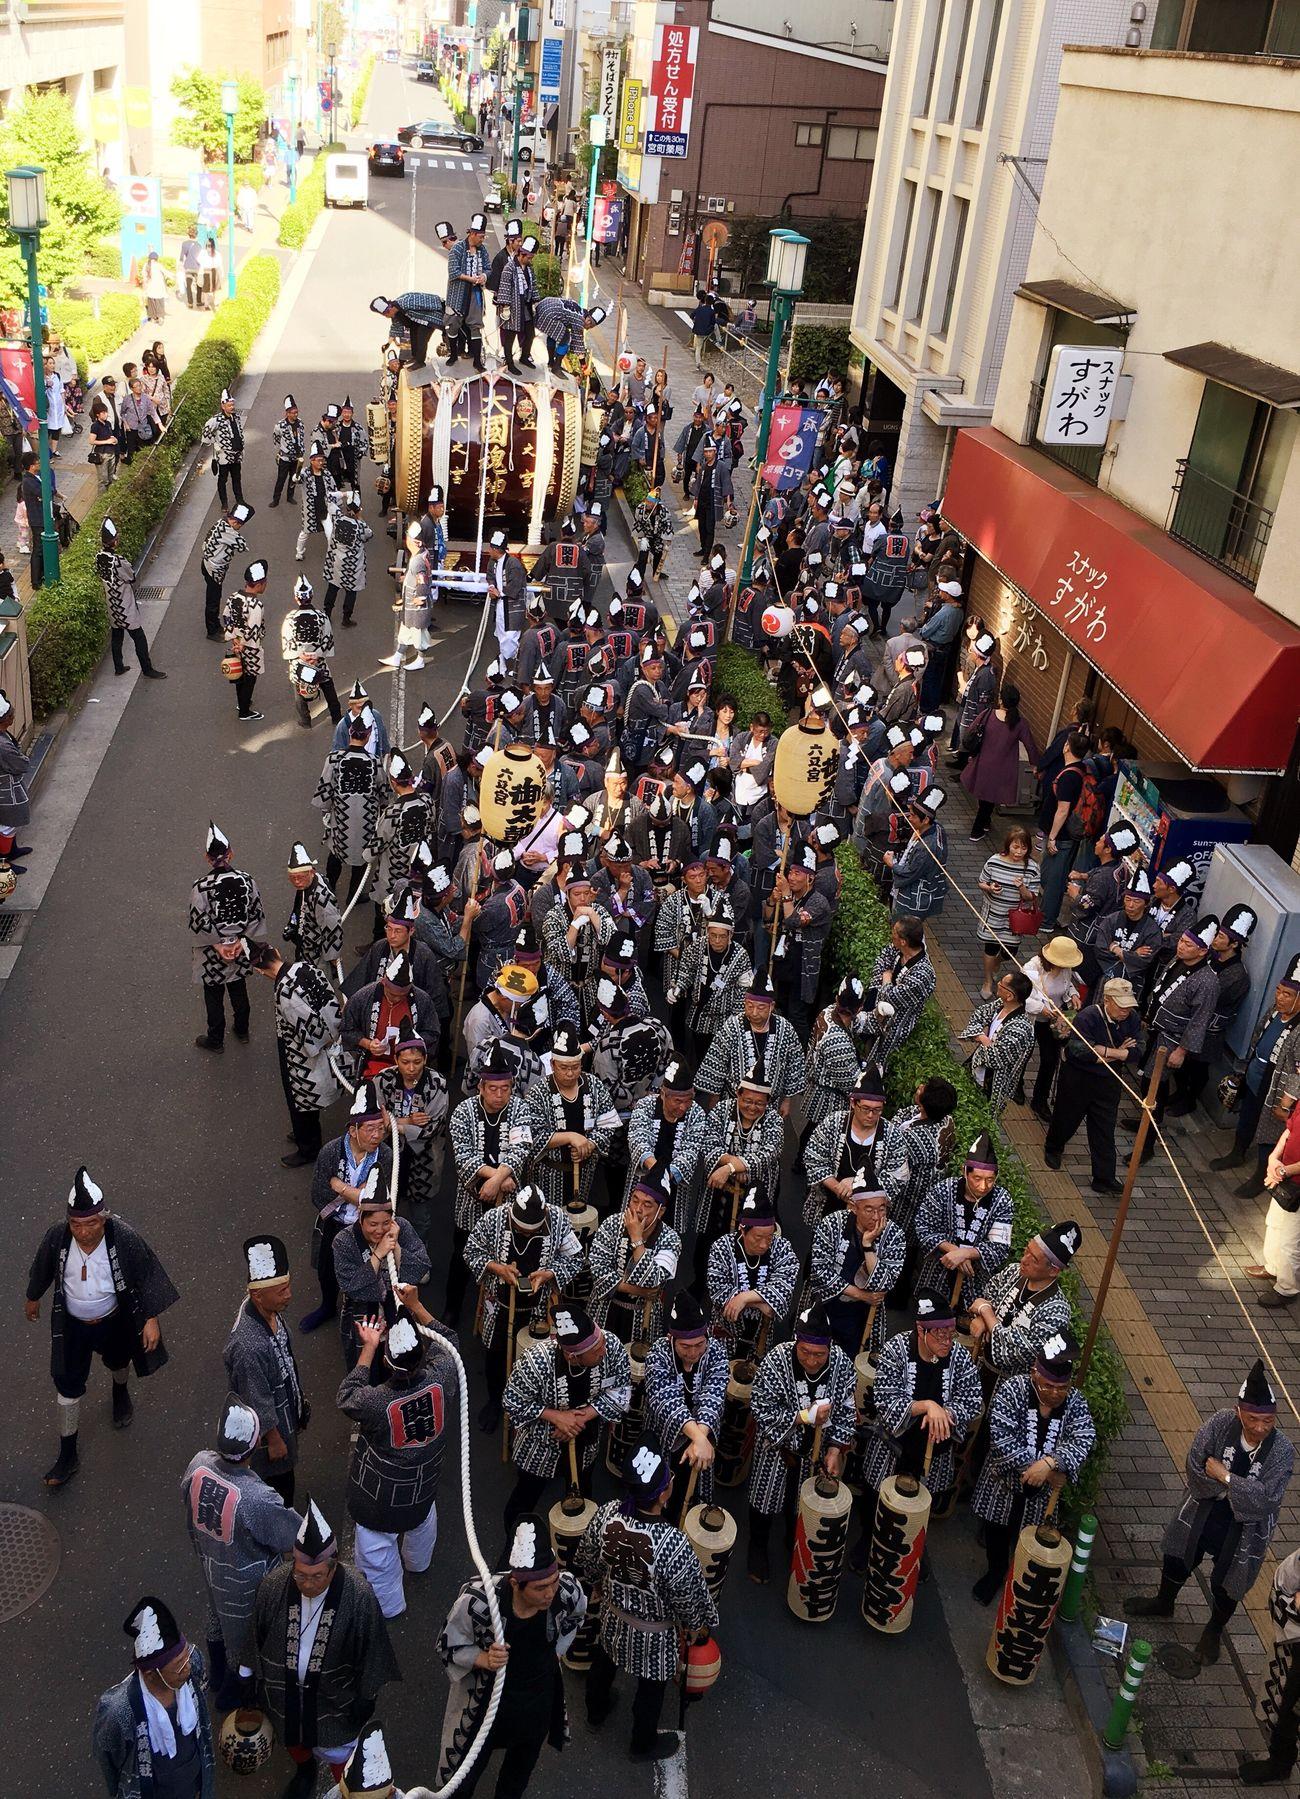 太鼓 お囃子 くらやみ祭り 大國魂神社 June 巡行 TheOldShrine Shrine Festival Japanese Culture Japan Tokyo,Japan Enjoying Life Holiday Happy